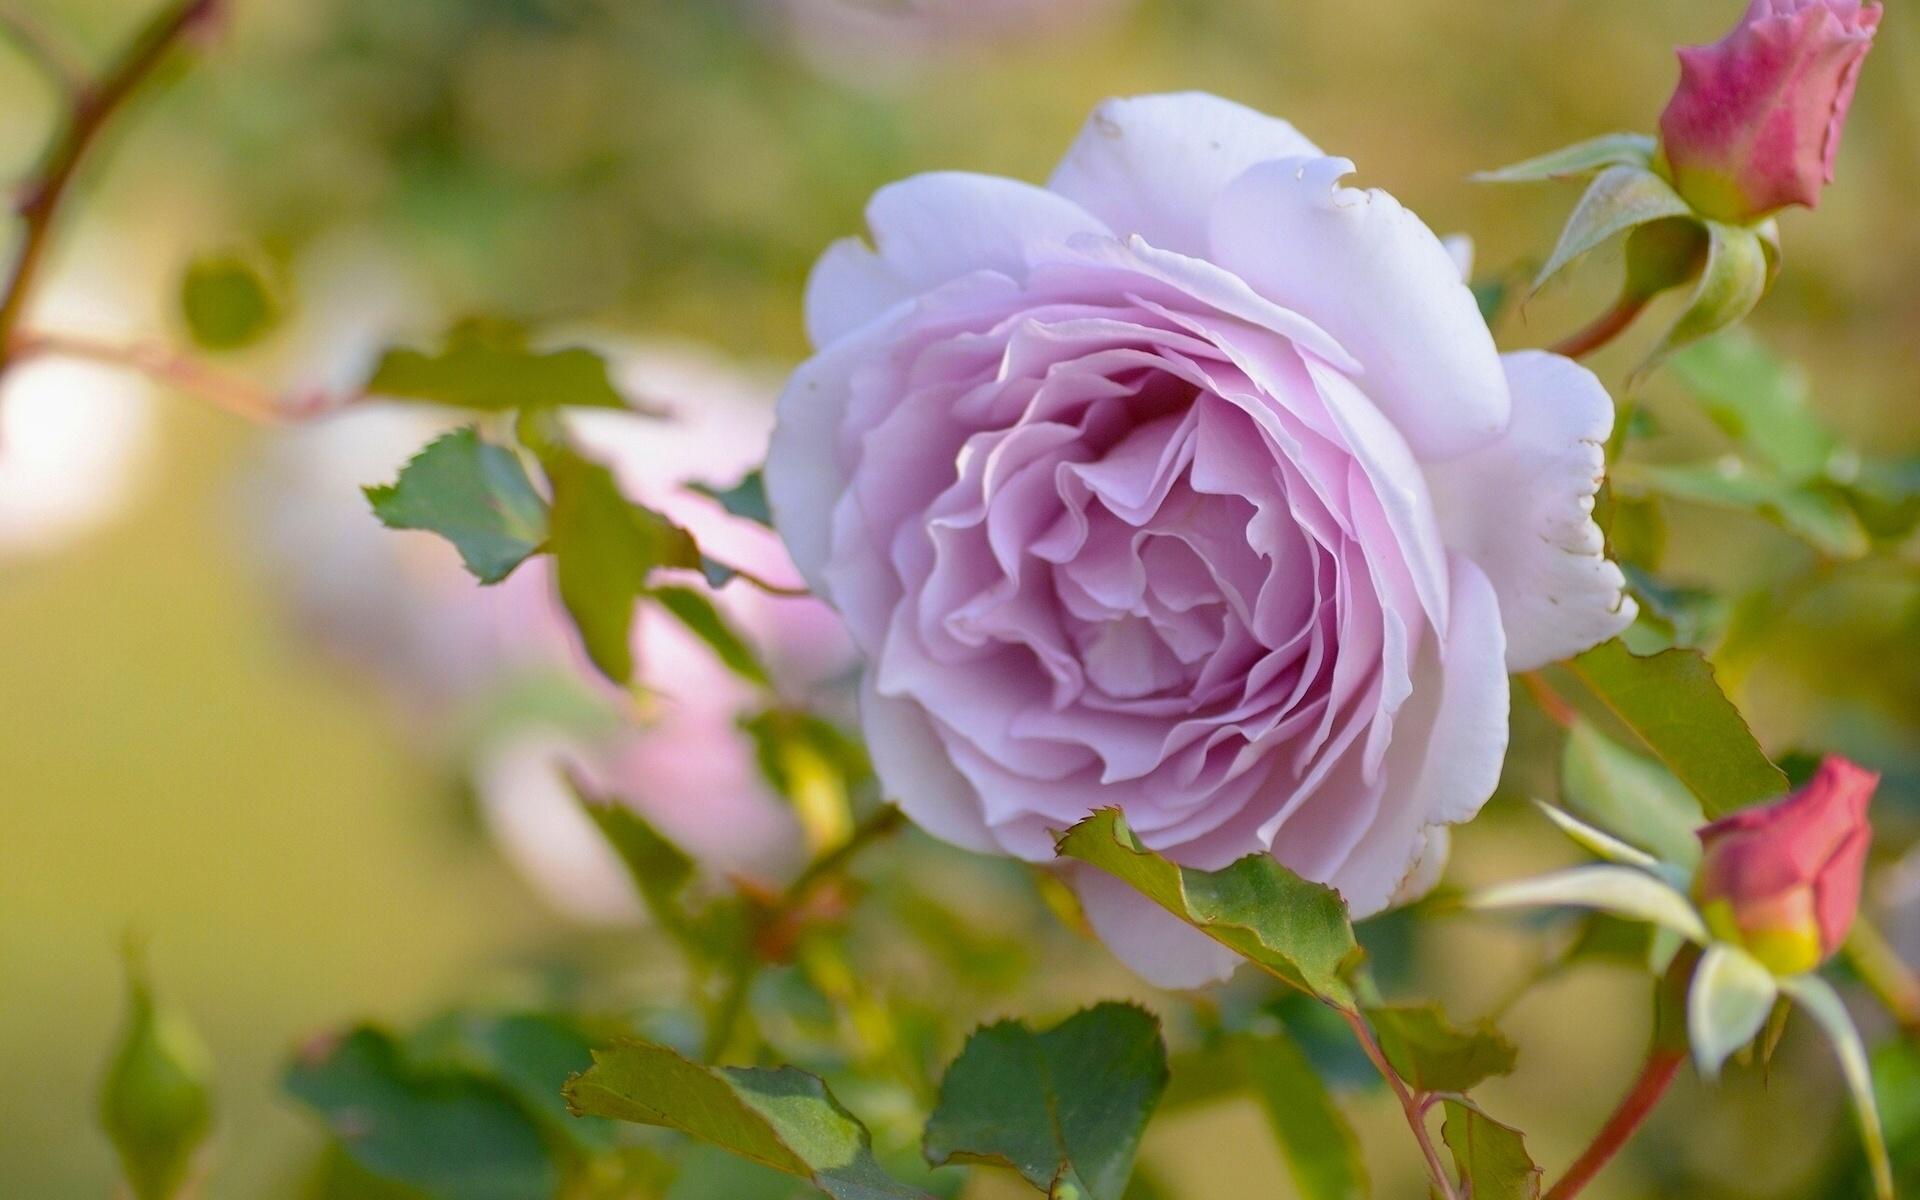 Картинки Розы Цветы Крупным планом 1920x1200 роза цветок вблизи